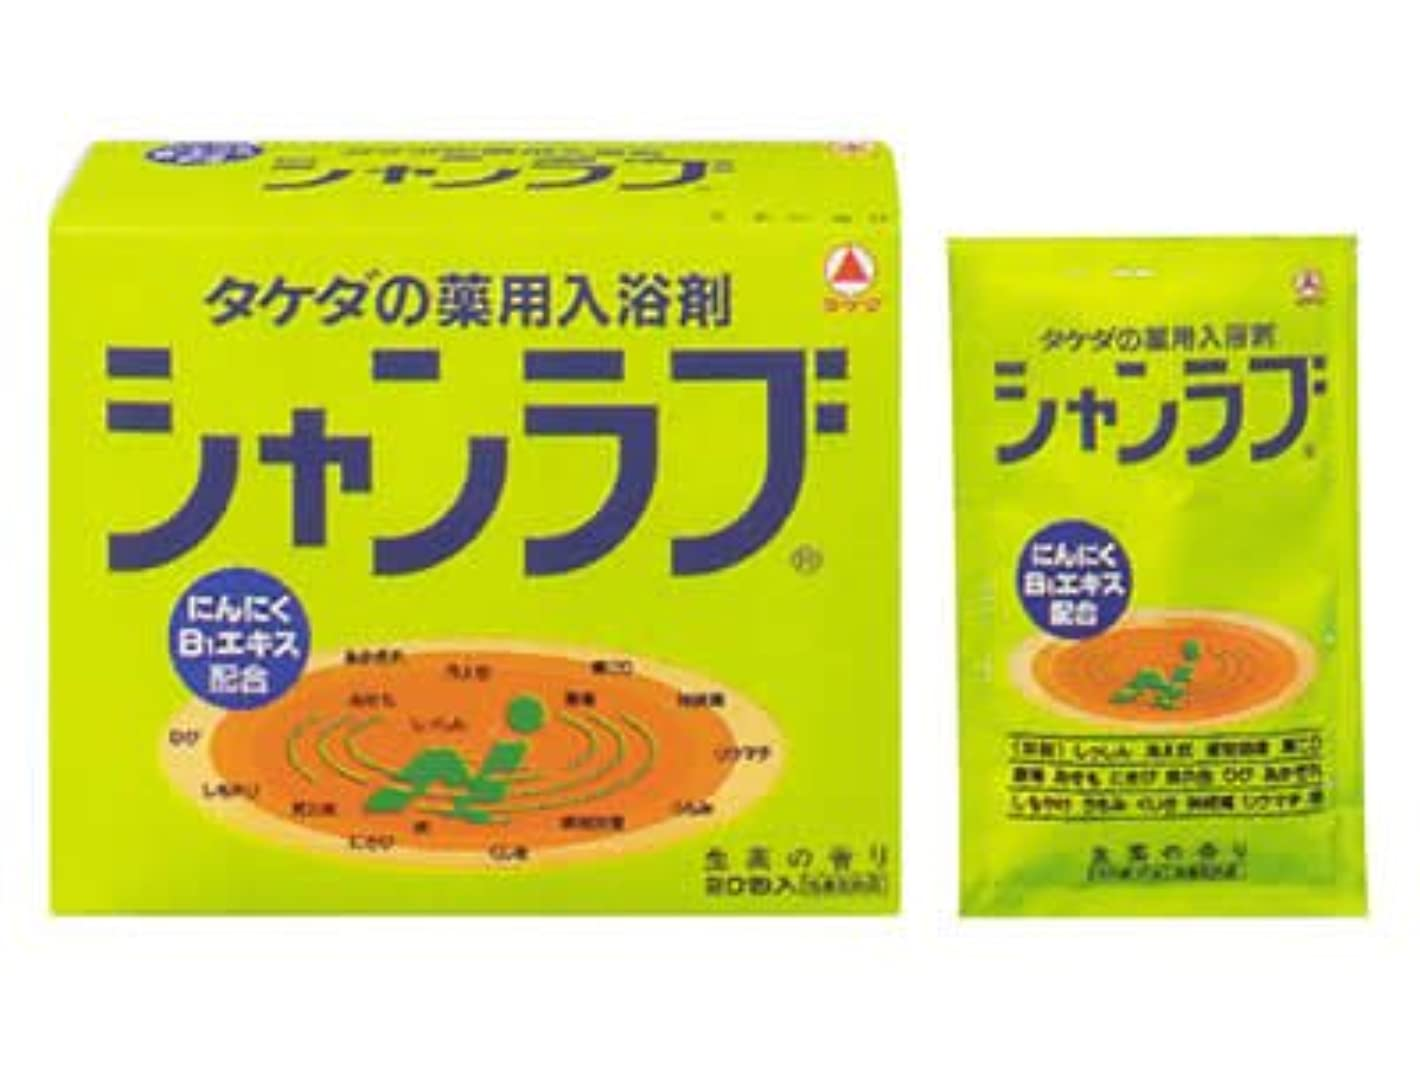 群れパイプ再発する【医薬部外品】武田コンシューマーヘルスケア シャンラブ 生薬の香り 20包